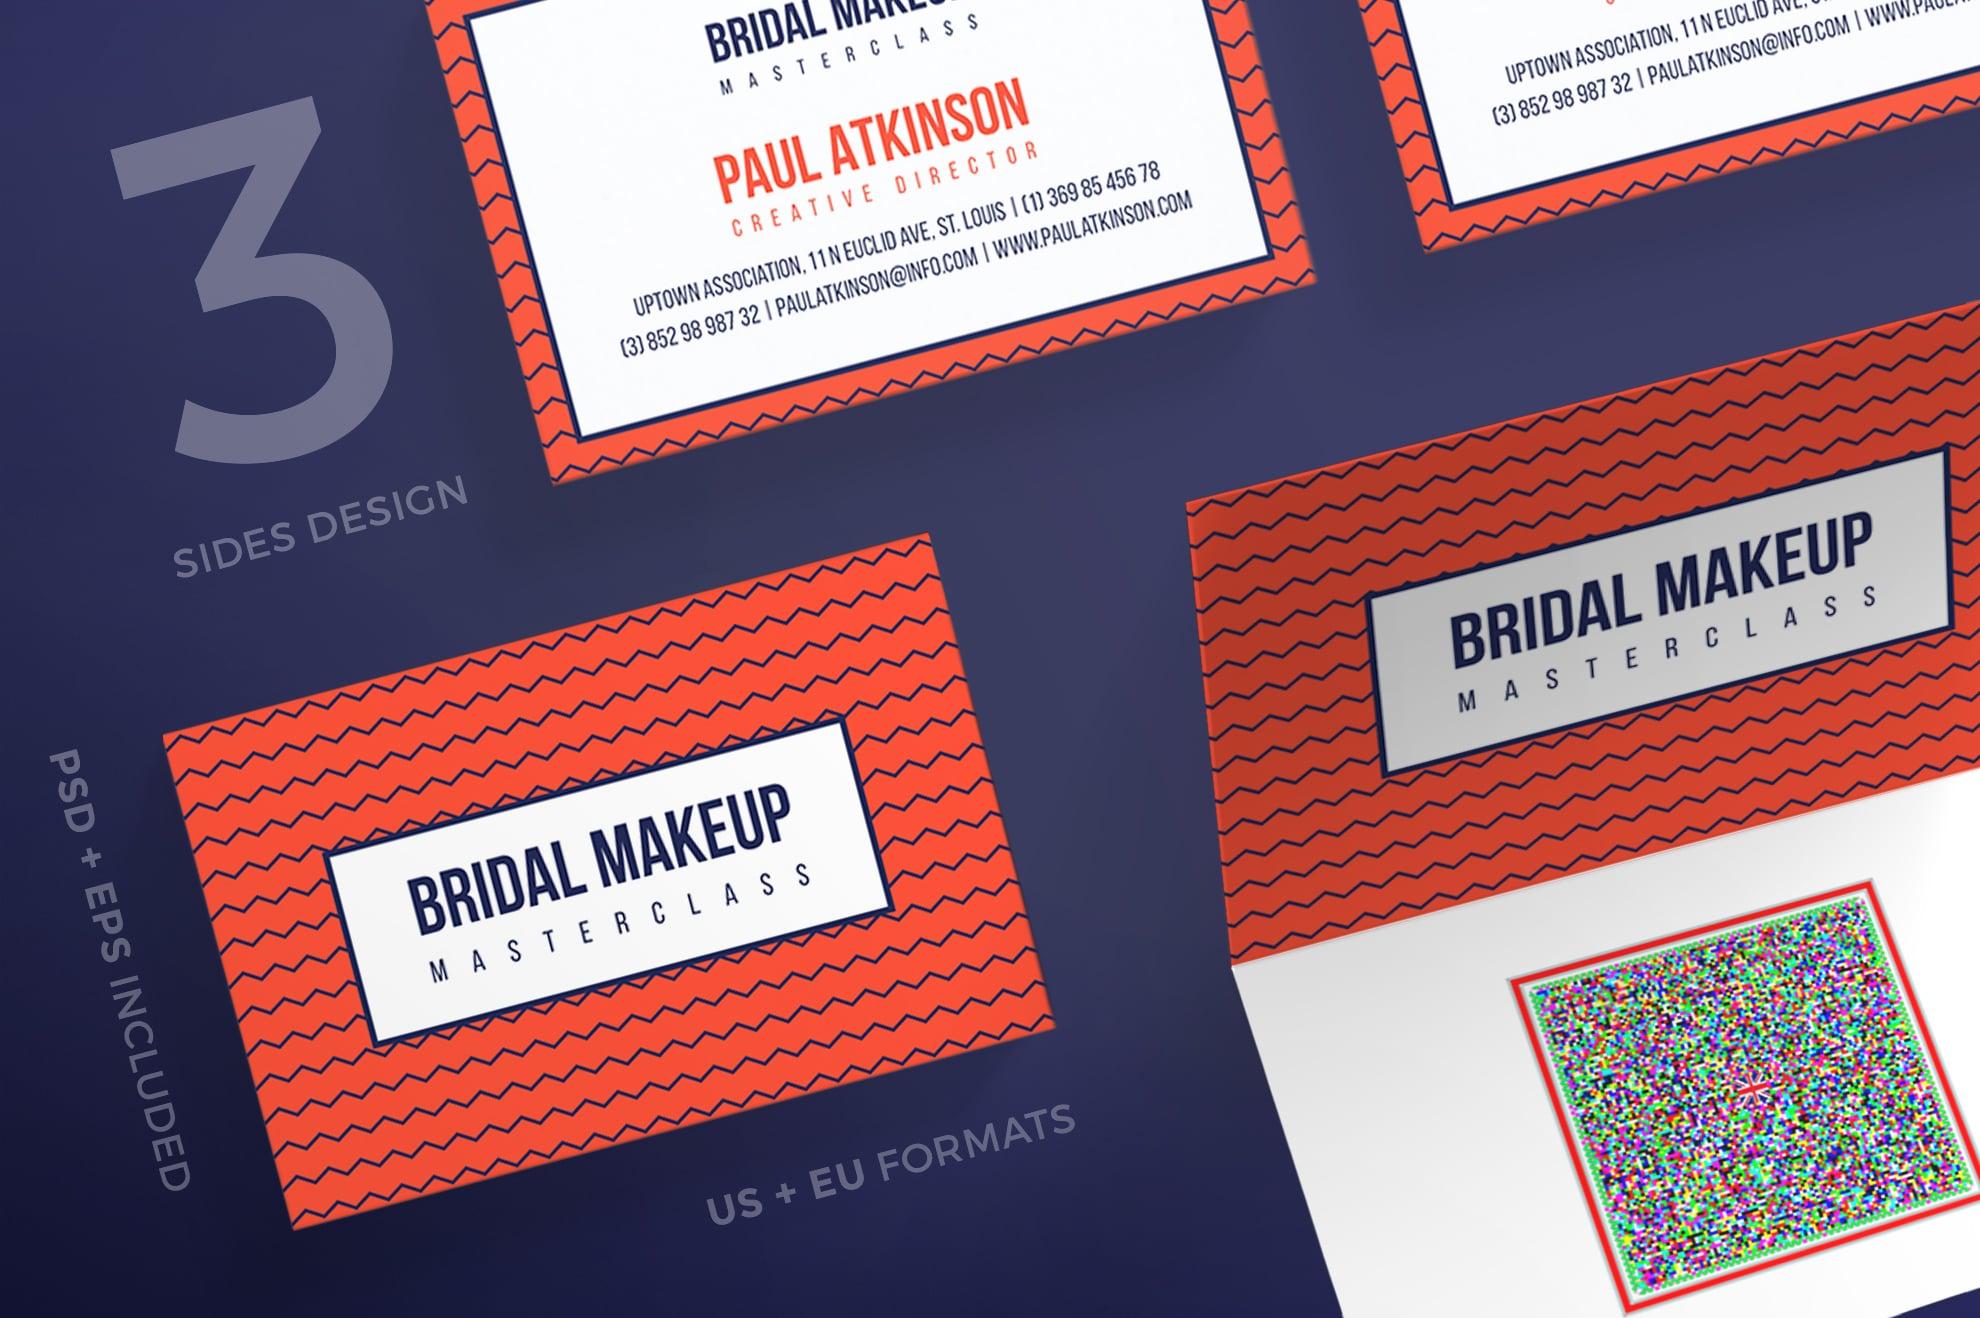 110 in 1 Business Card Bundle - 009 bc bridal makeup 15 0